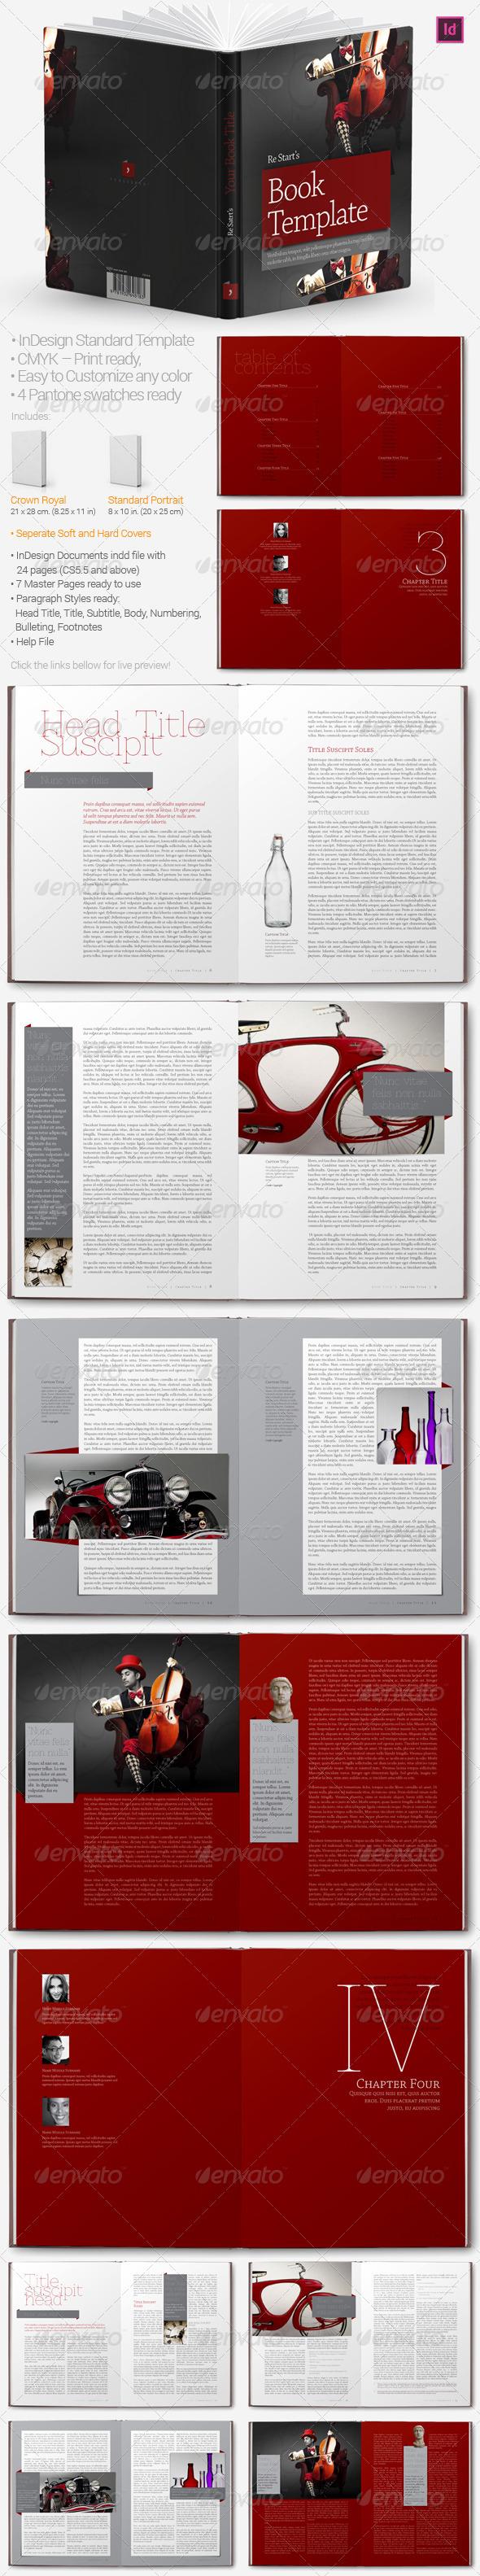 GraphicRiver Book Templates 4595660